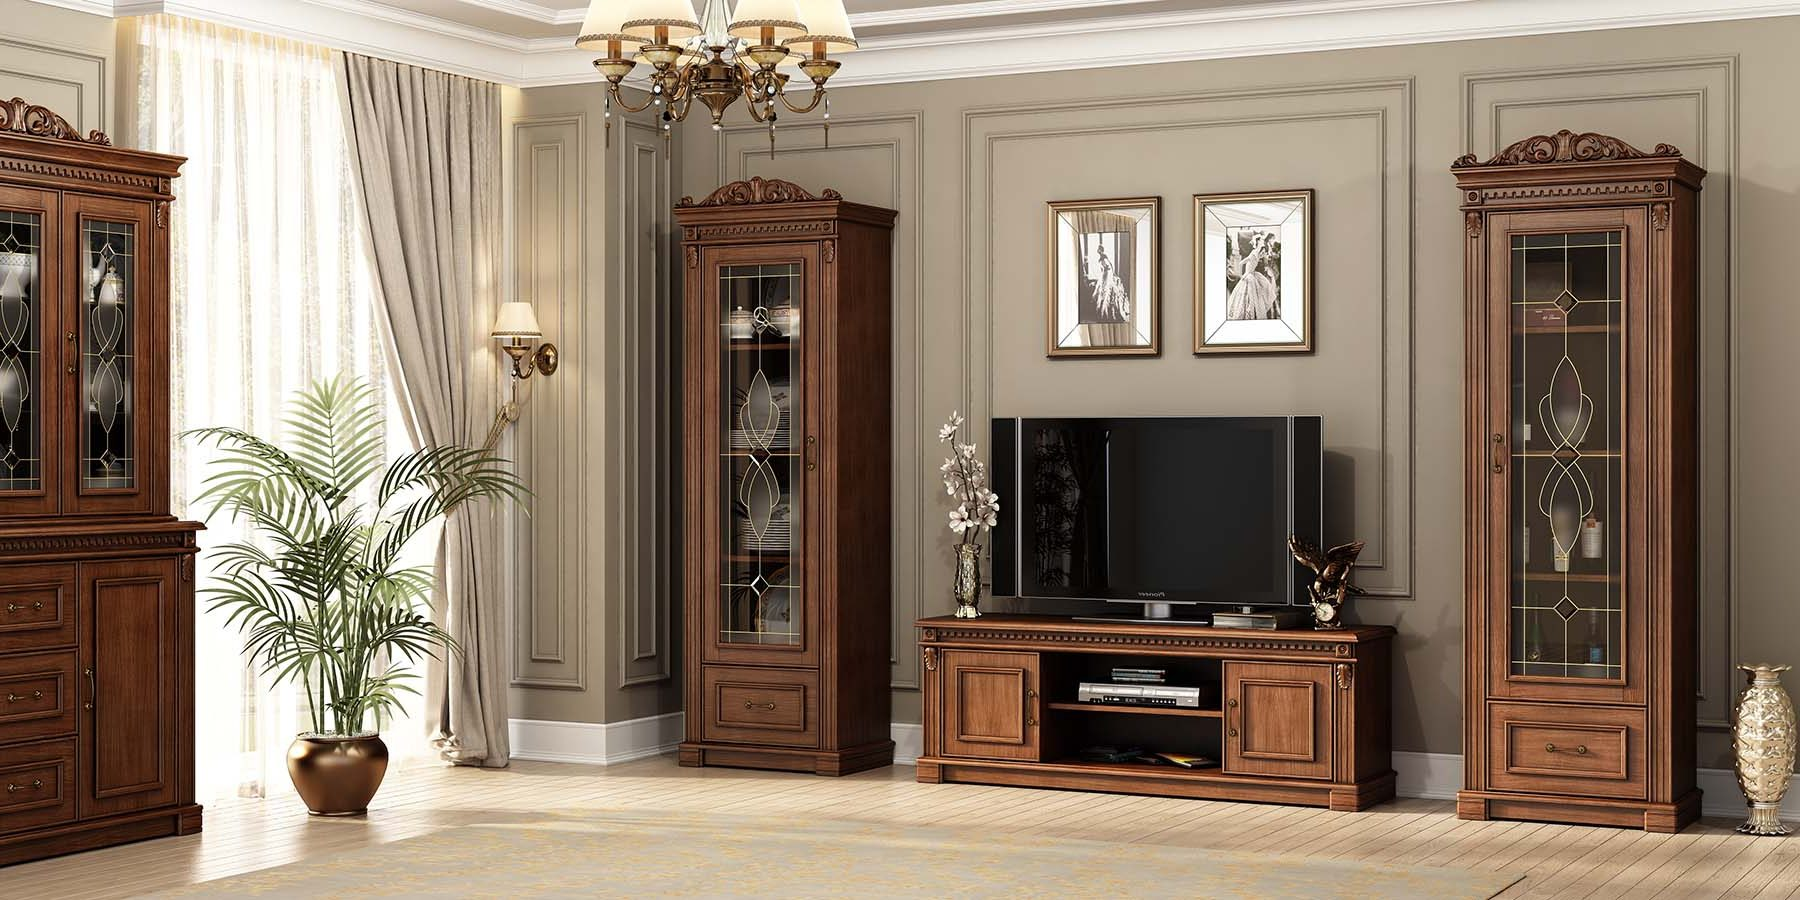 Galicia_Living-room_01-e1500889294855